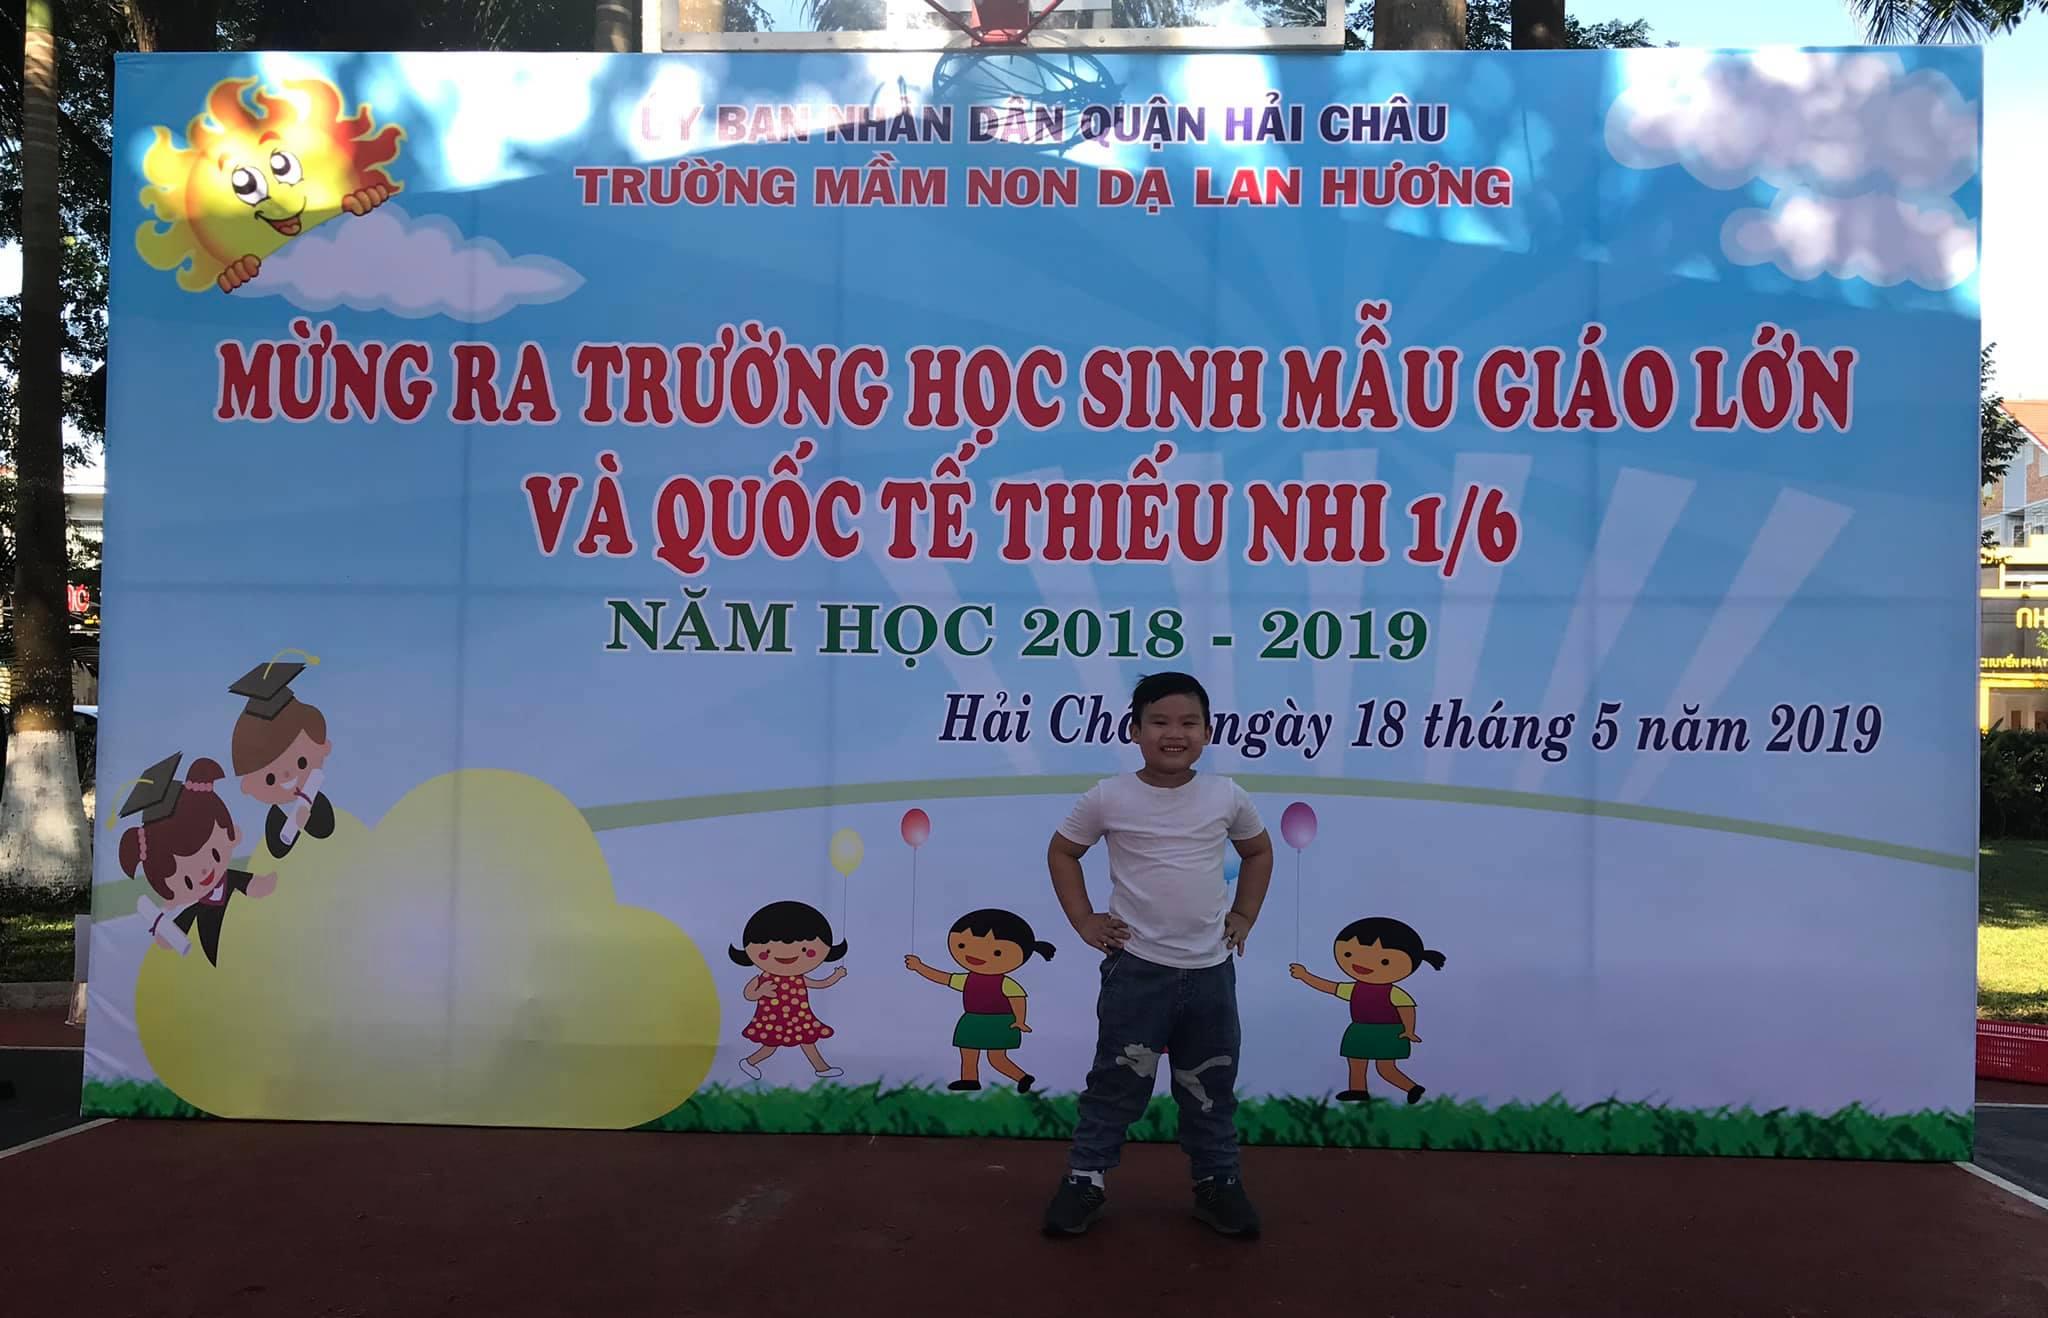 Trường mầm non Dạ Lan Hương - Đường Hoàng Văn Thụ